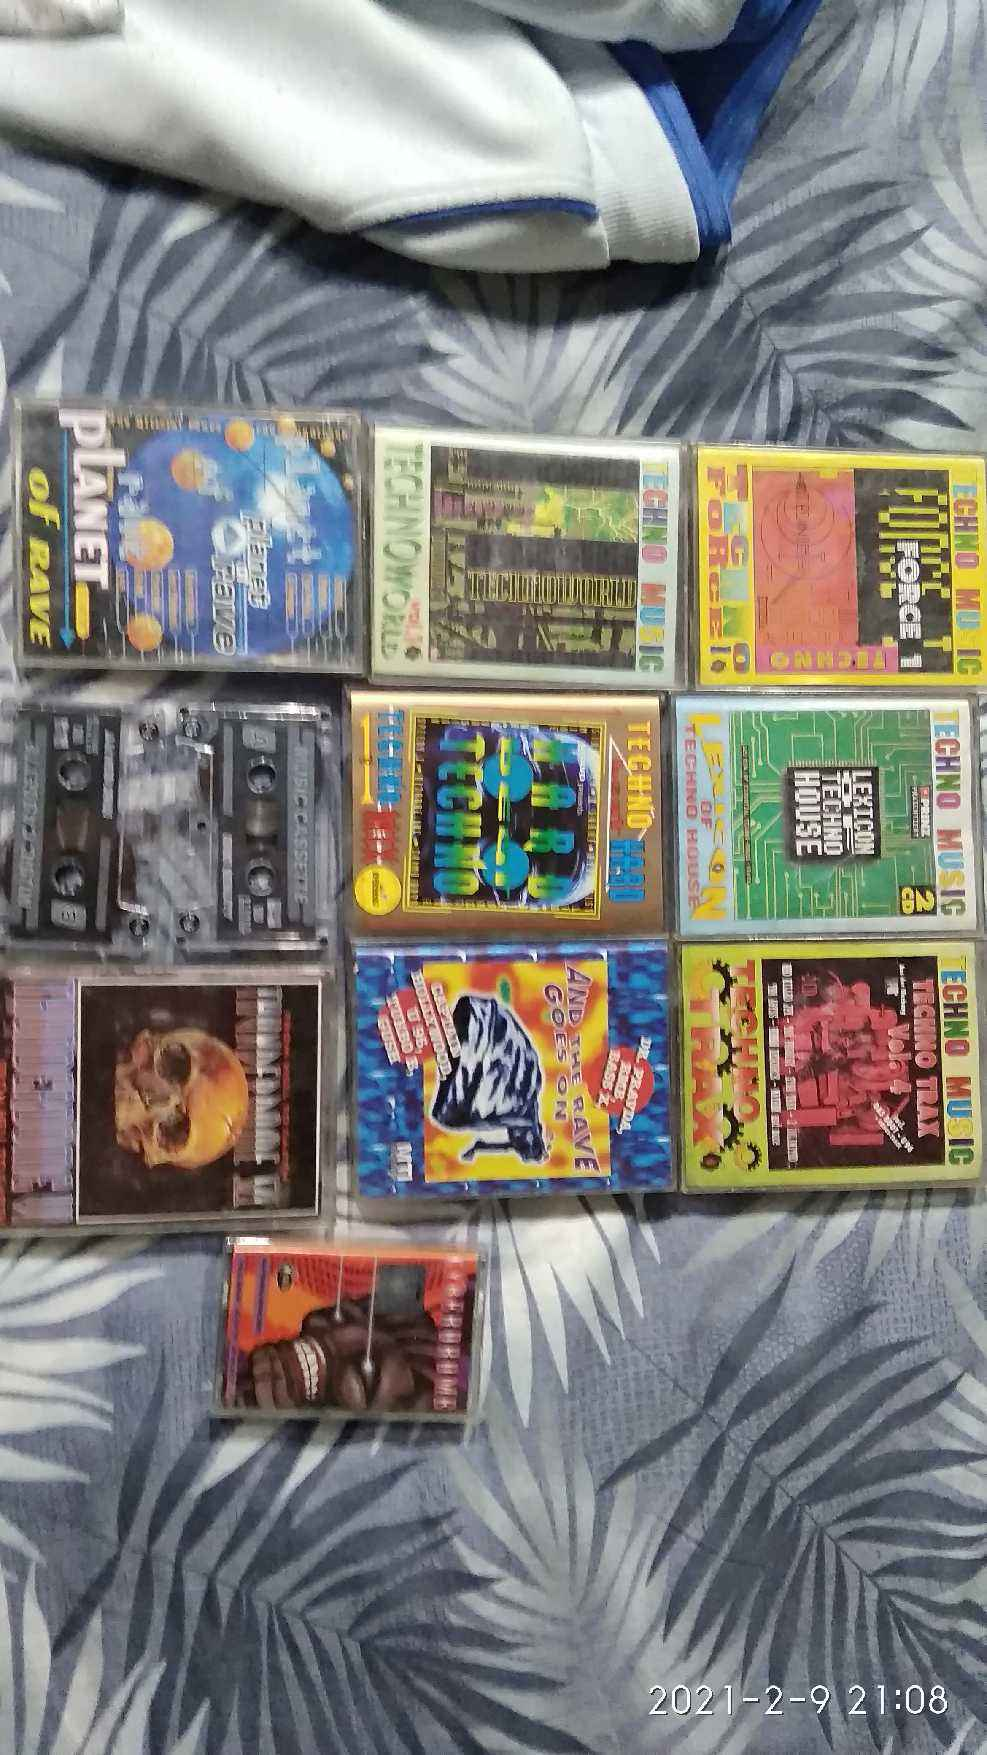 Kupię kasety techno Częstochowa - zdjęcie 2